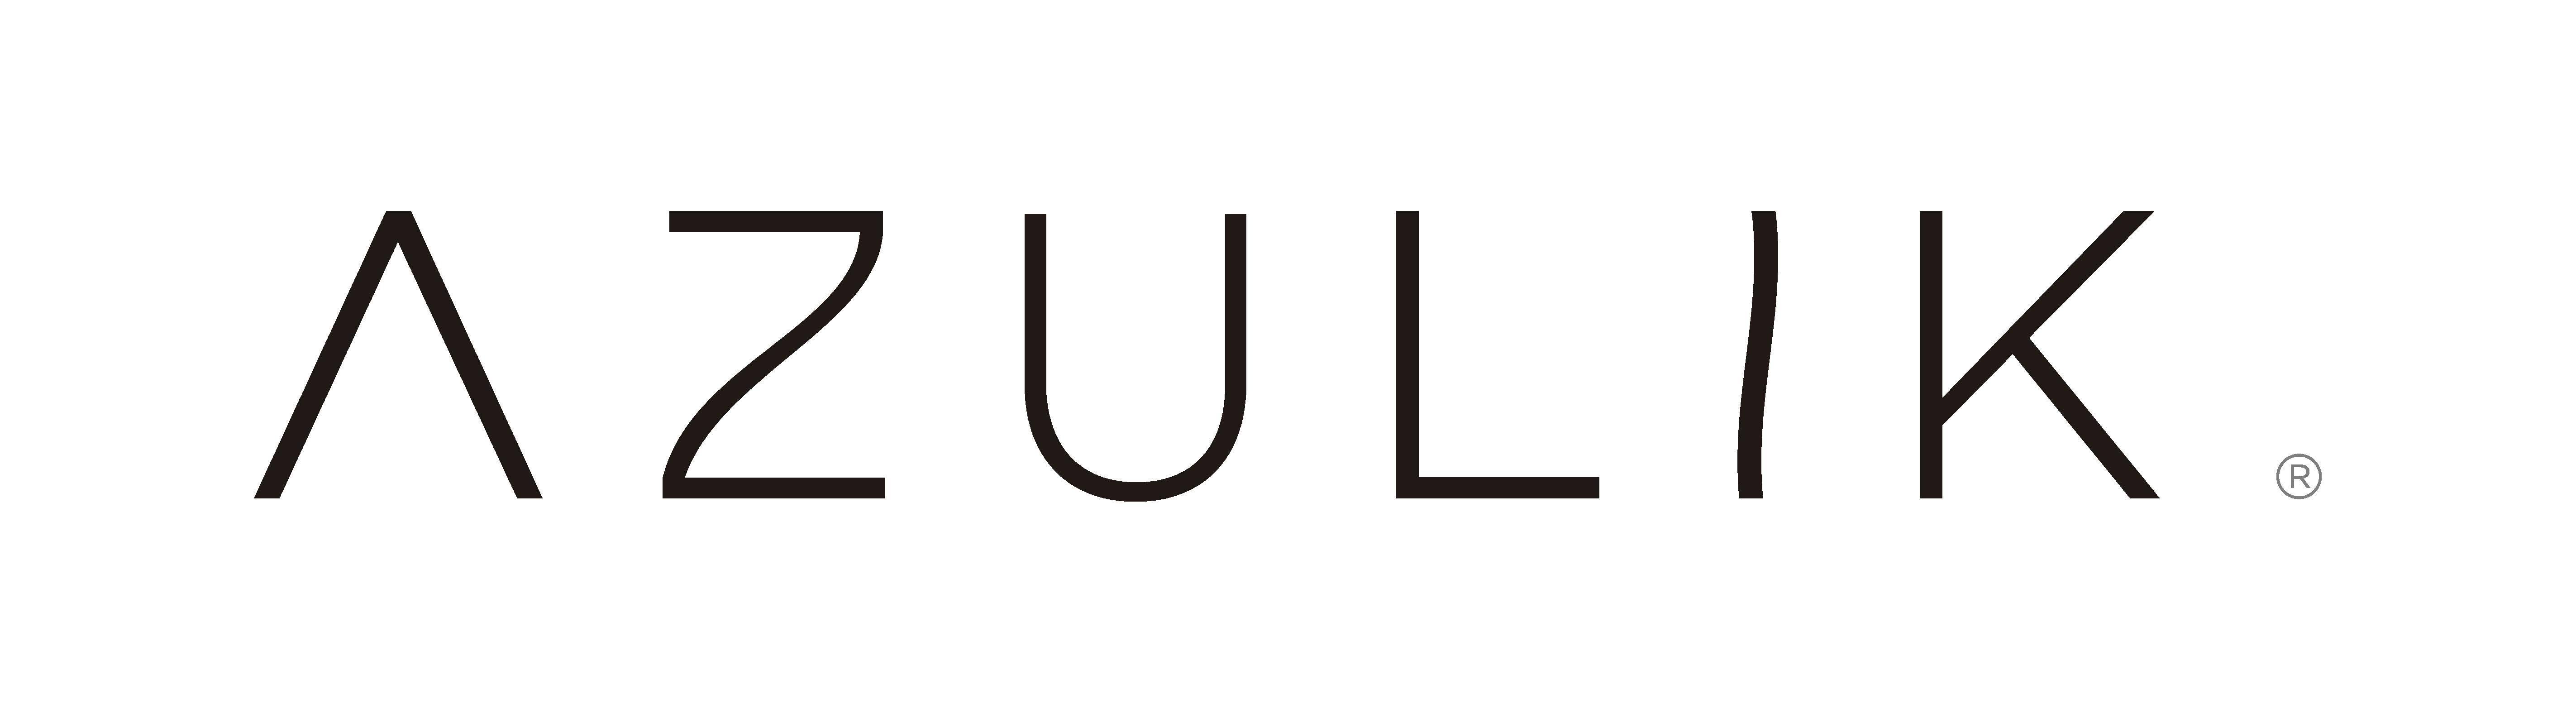 azulik-logo